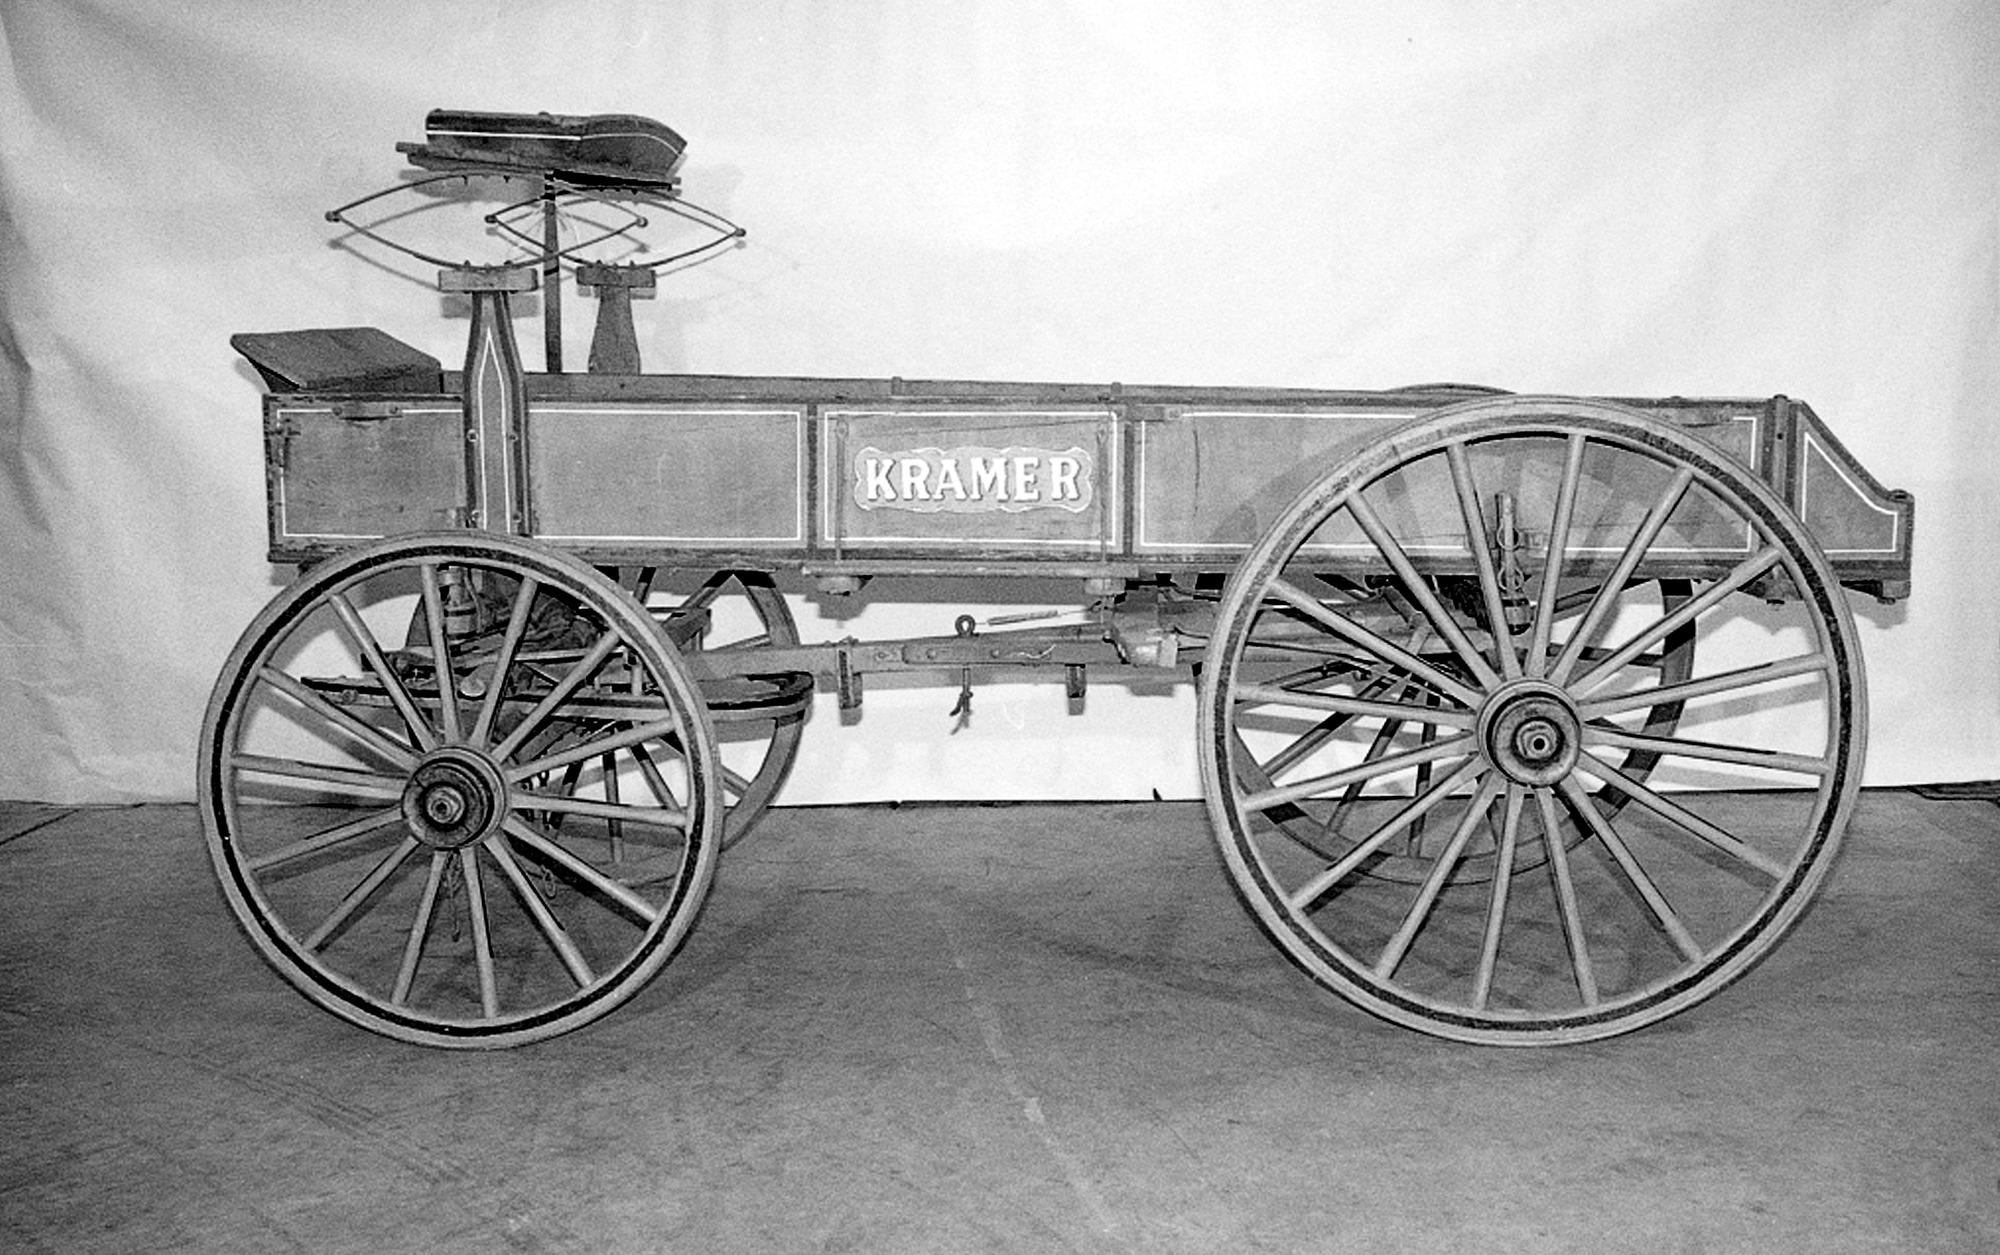 Kramer farm wagon, 1925